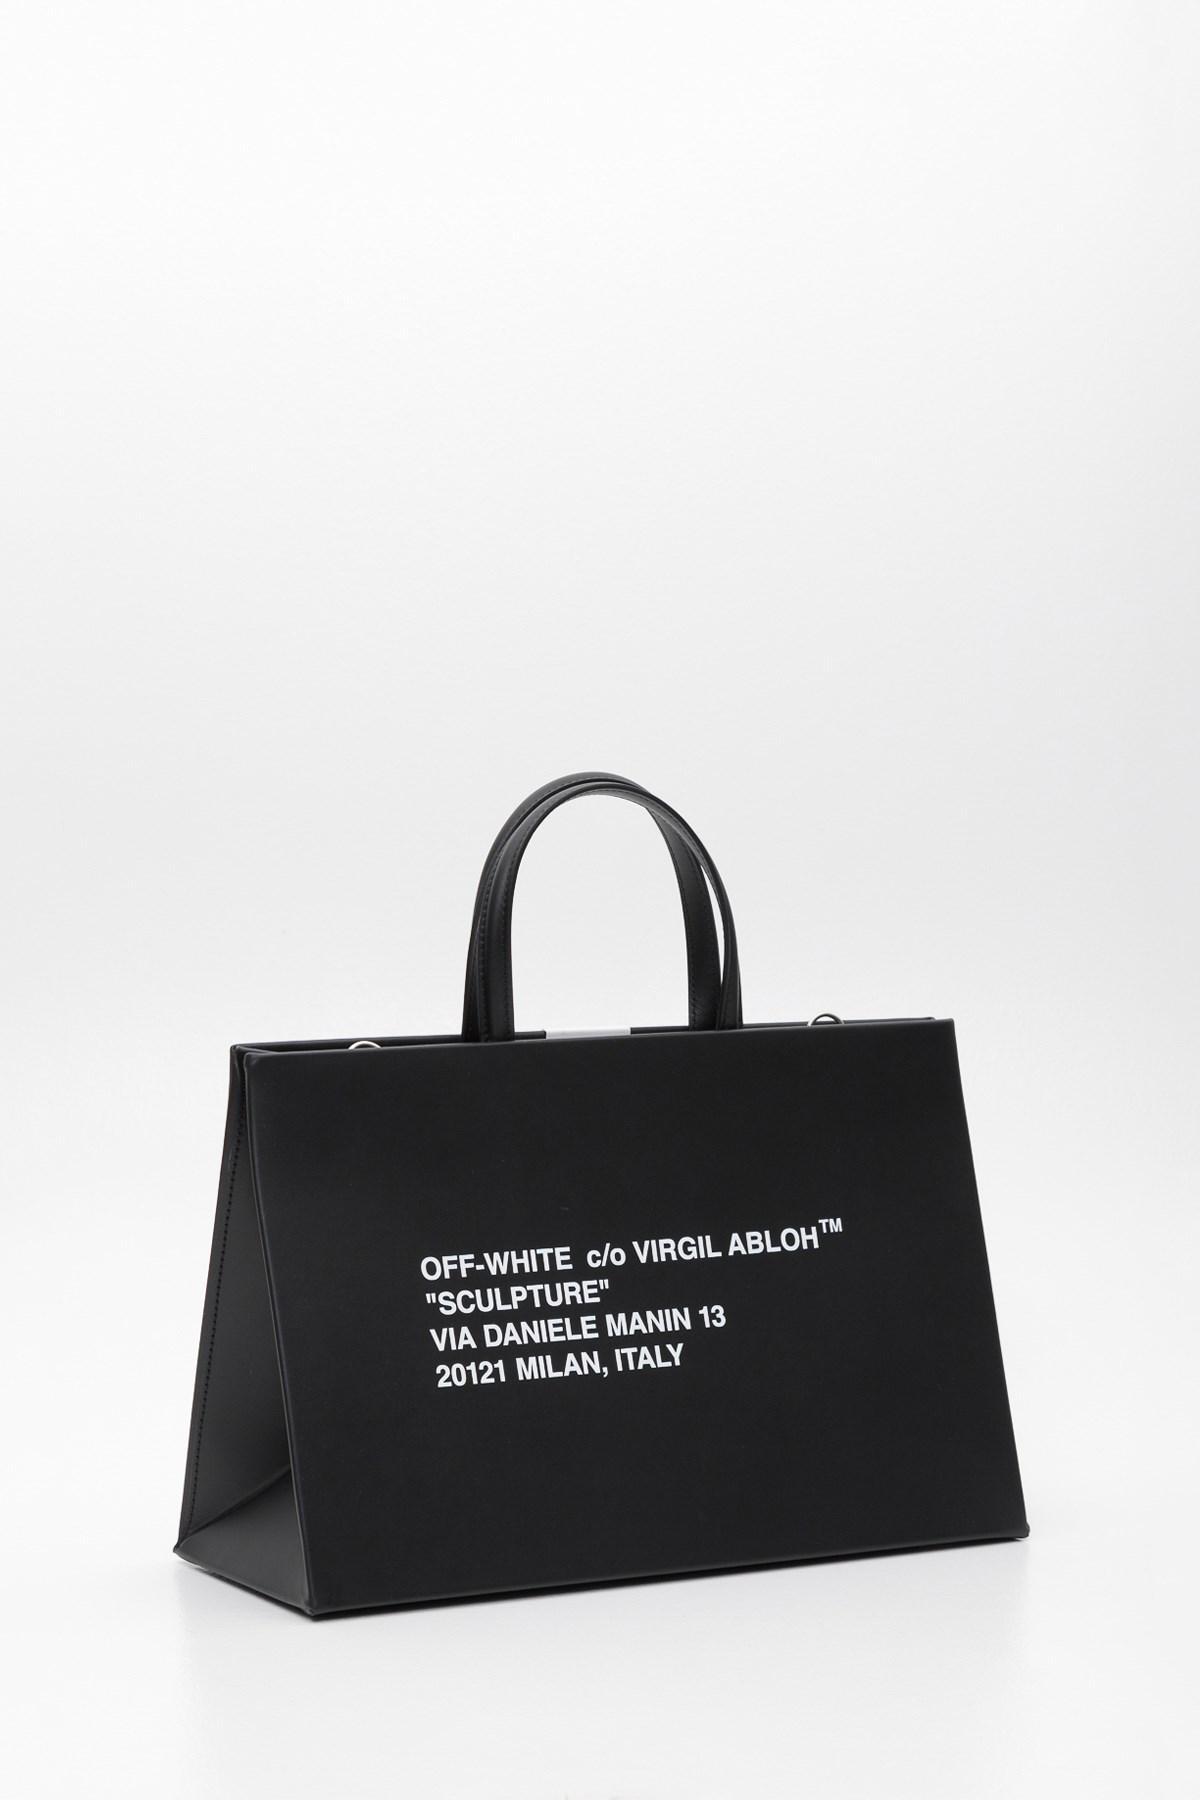 40881e22d Lyst - Off-White c/o Virgil Abloh Box Bag in Black